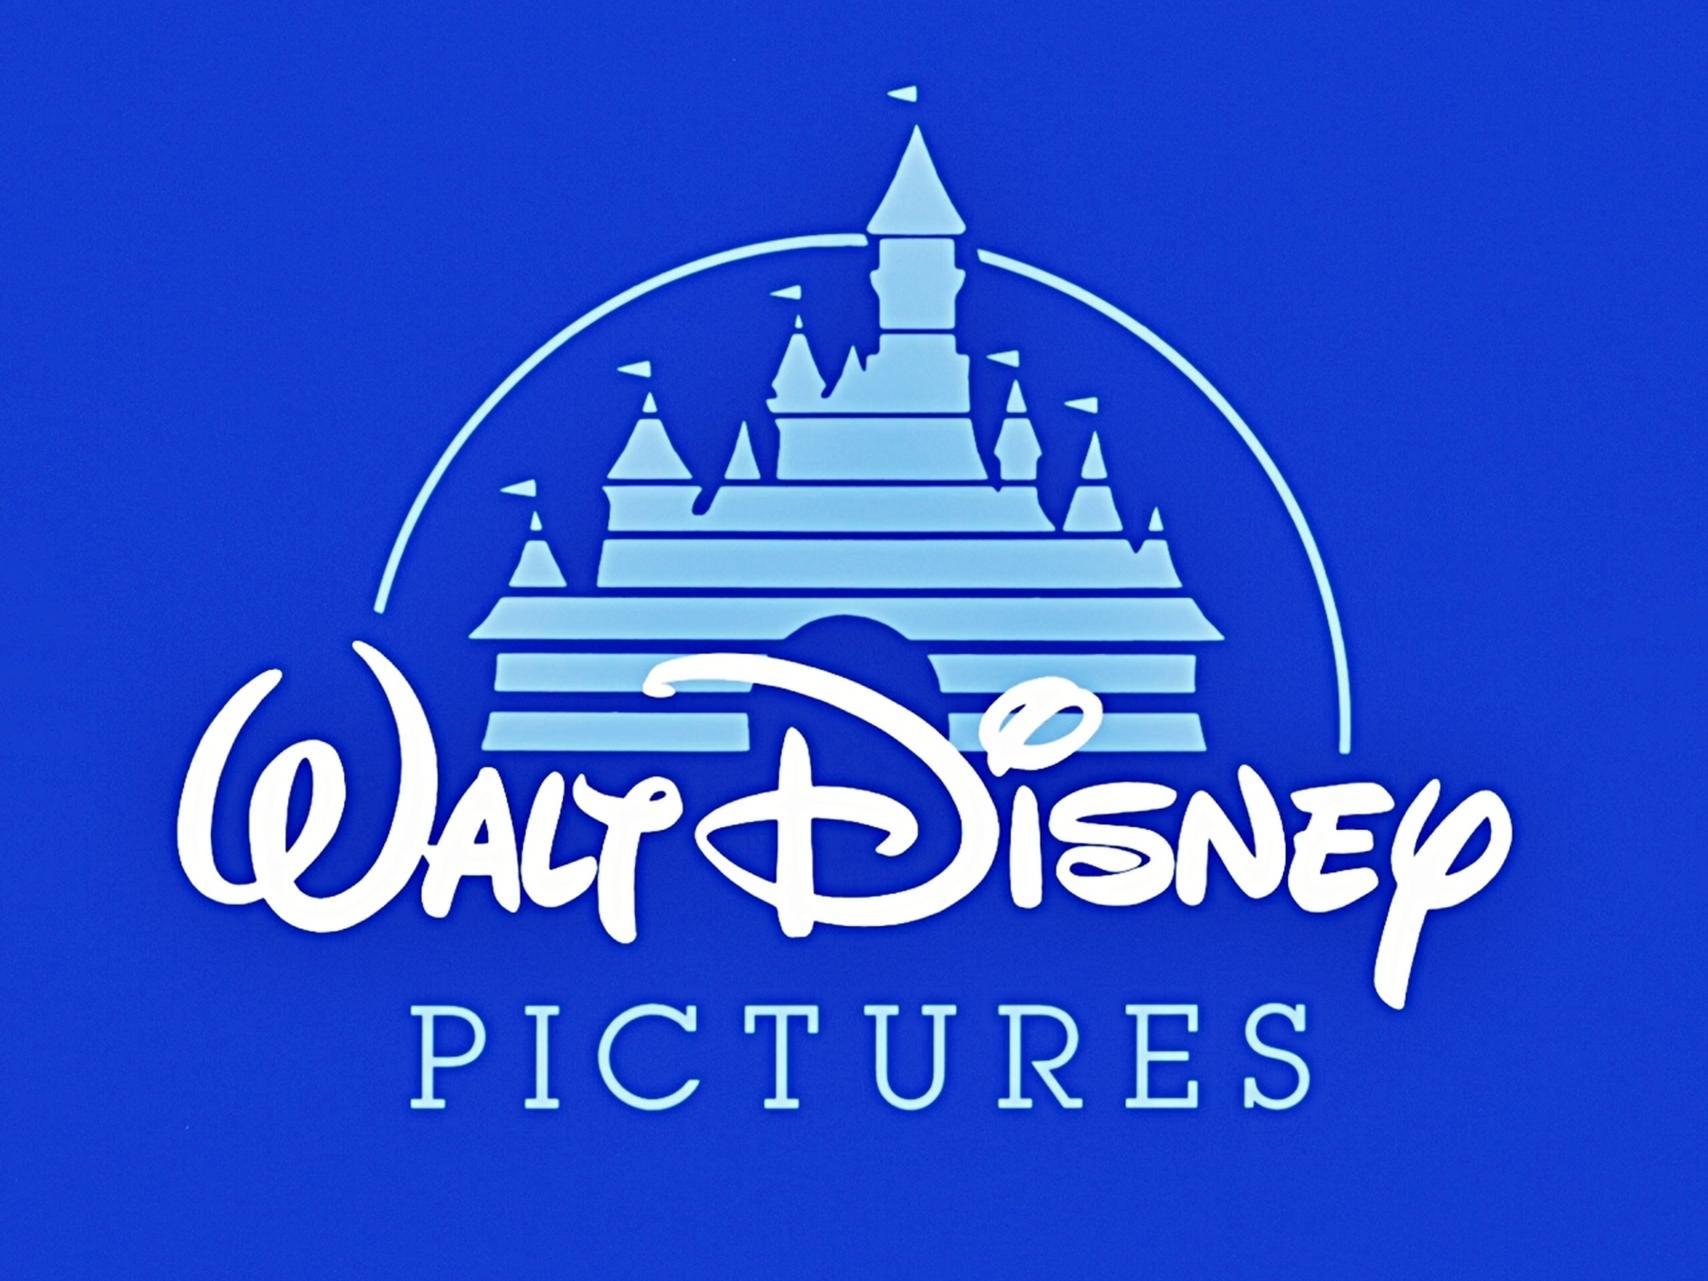 Quale classico personaggio Disney sei?